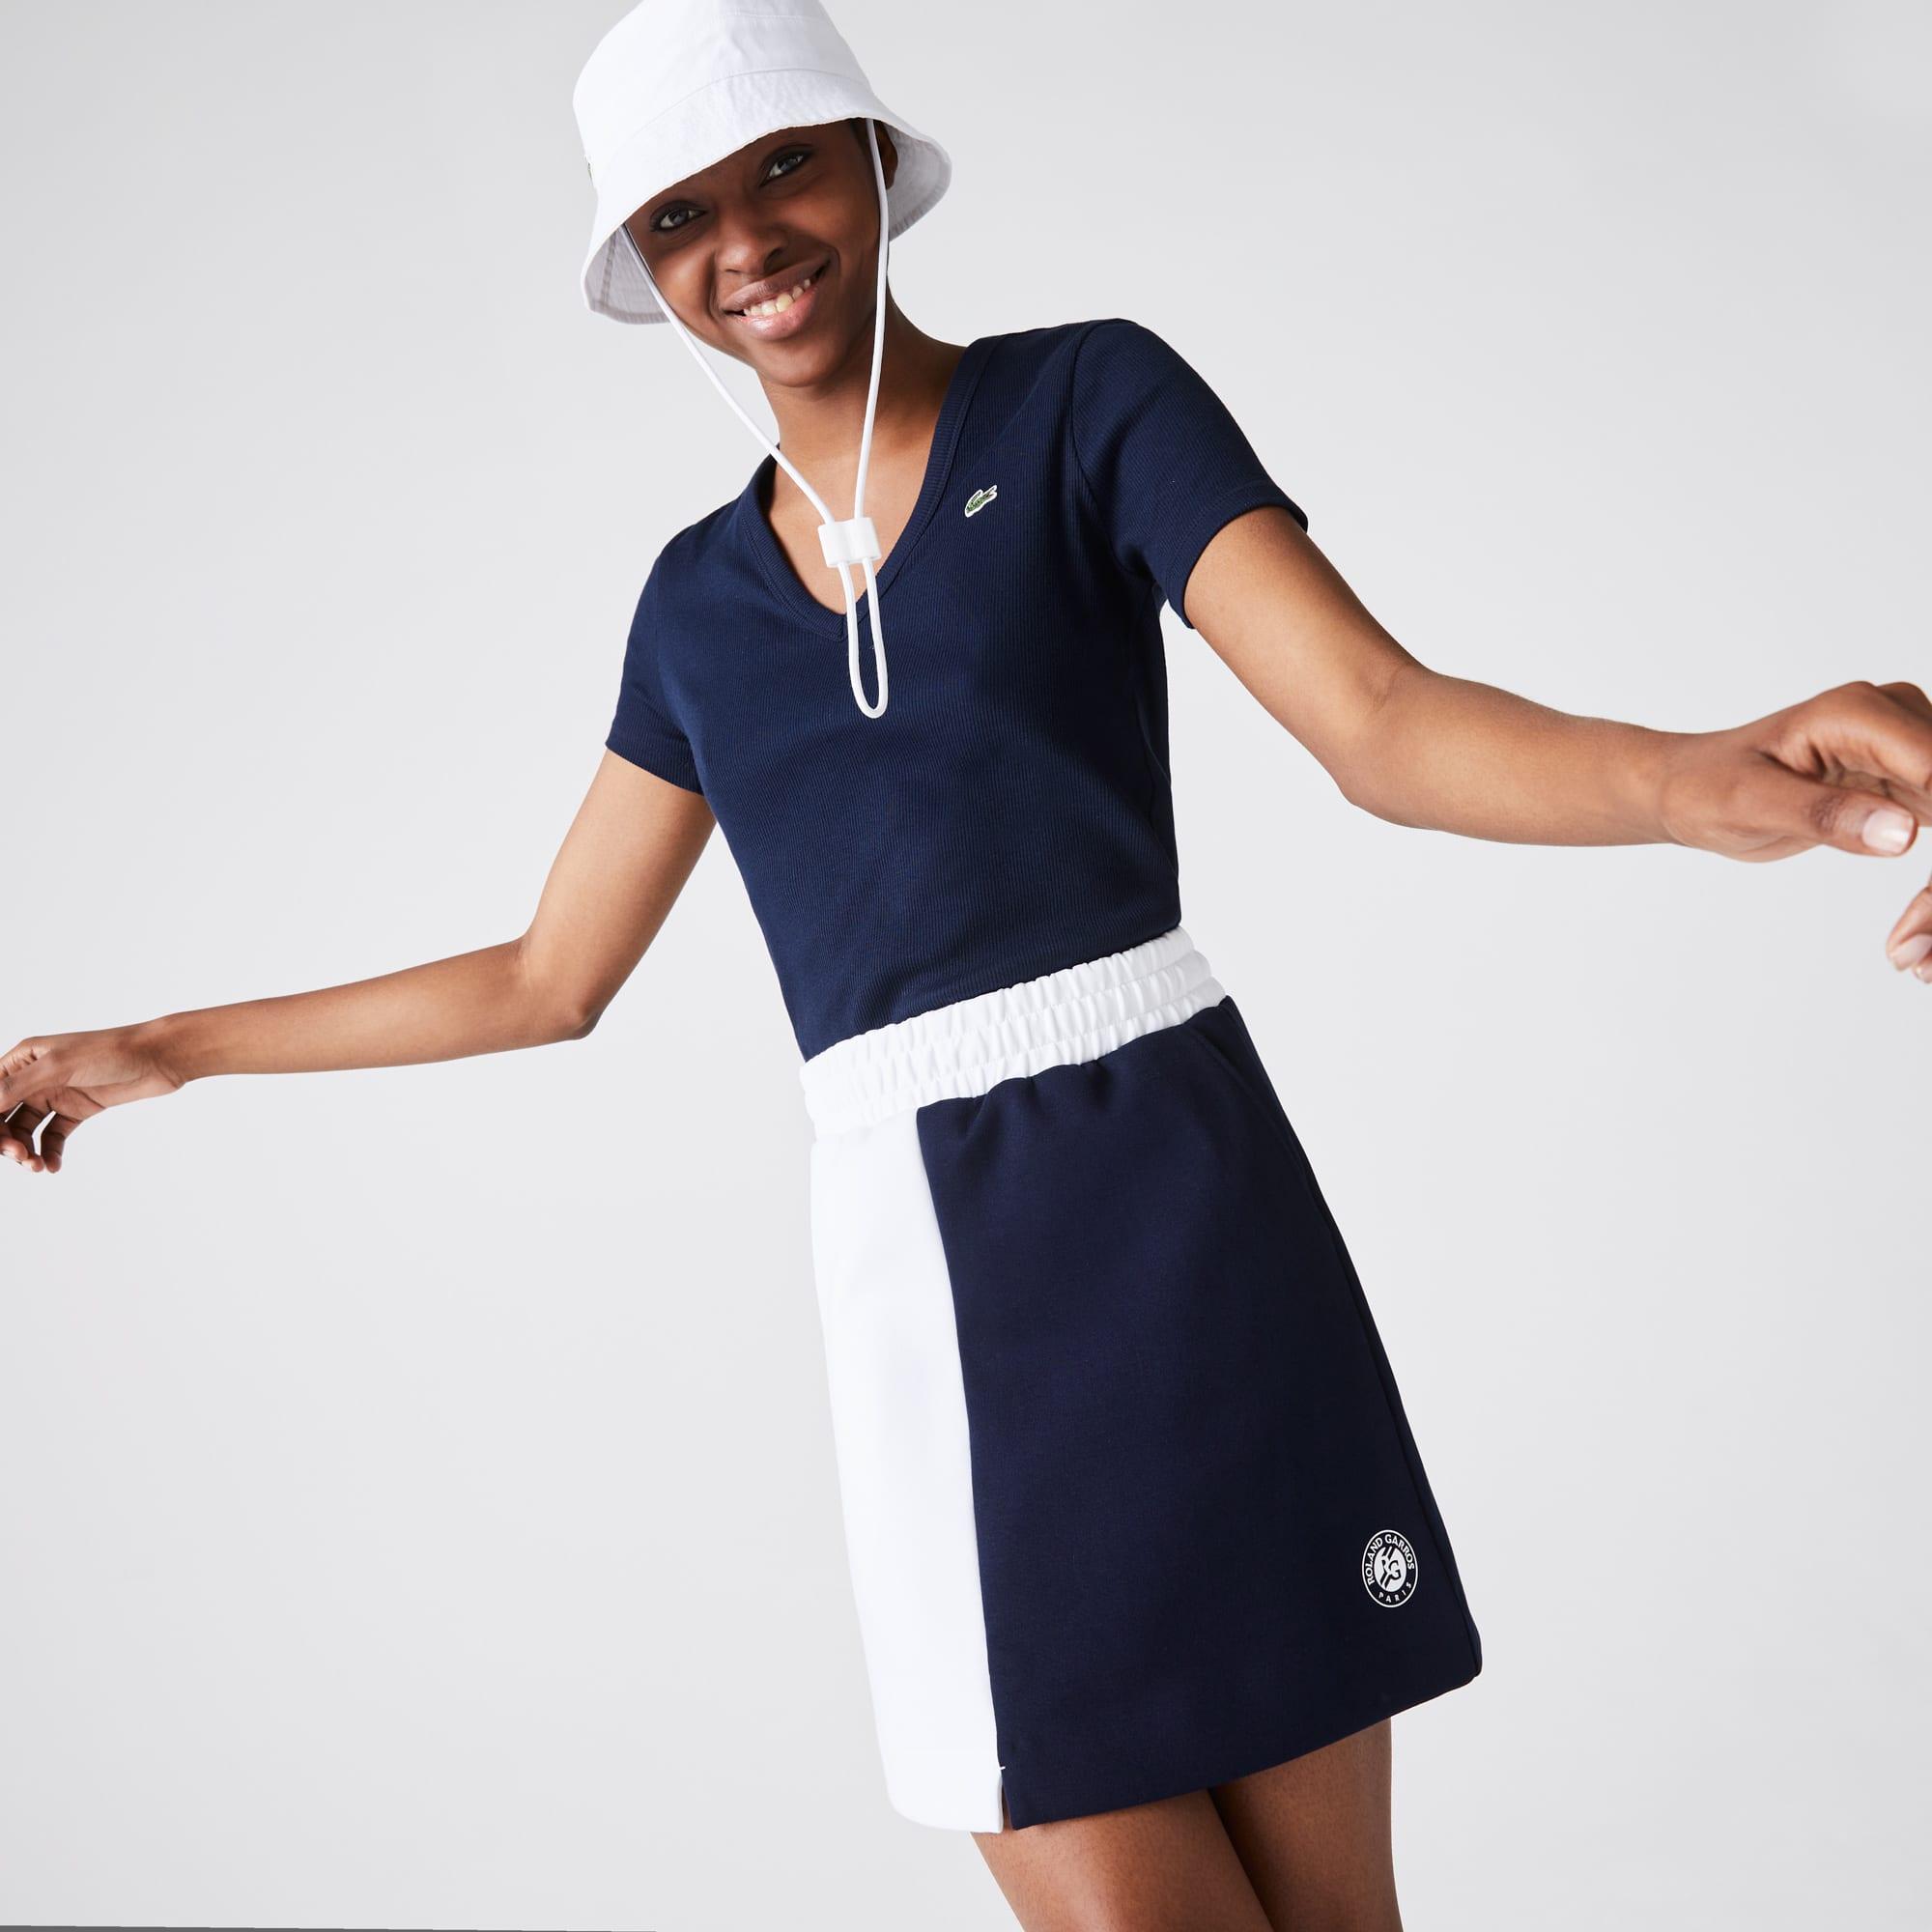 라코스테 스포츠 롤랑가로스 컬러블록 스커트 Lacoste Womens SPORT Roland Garros Color-Block Skirt